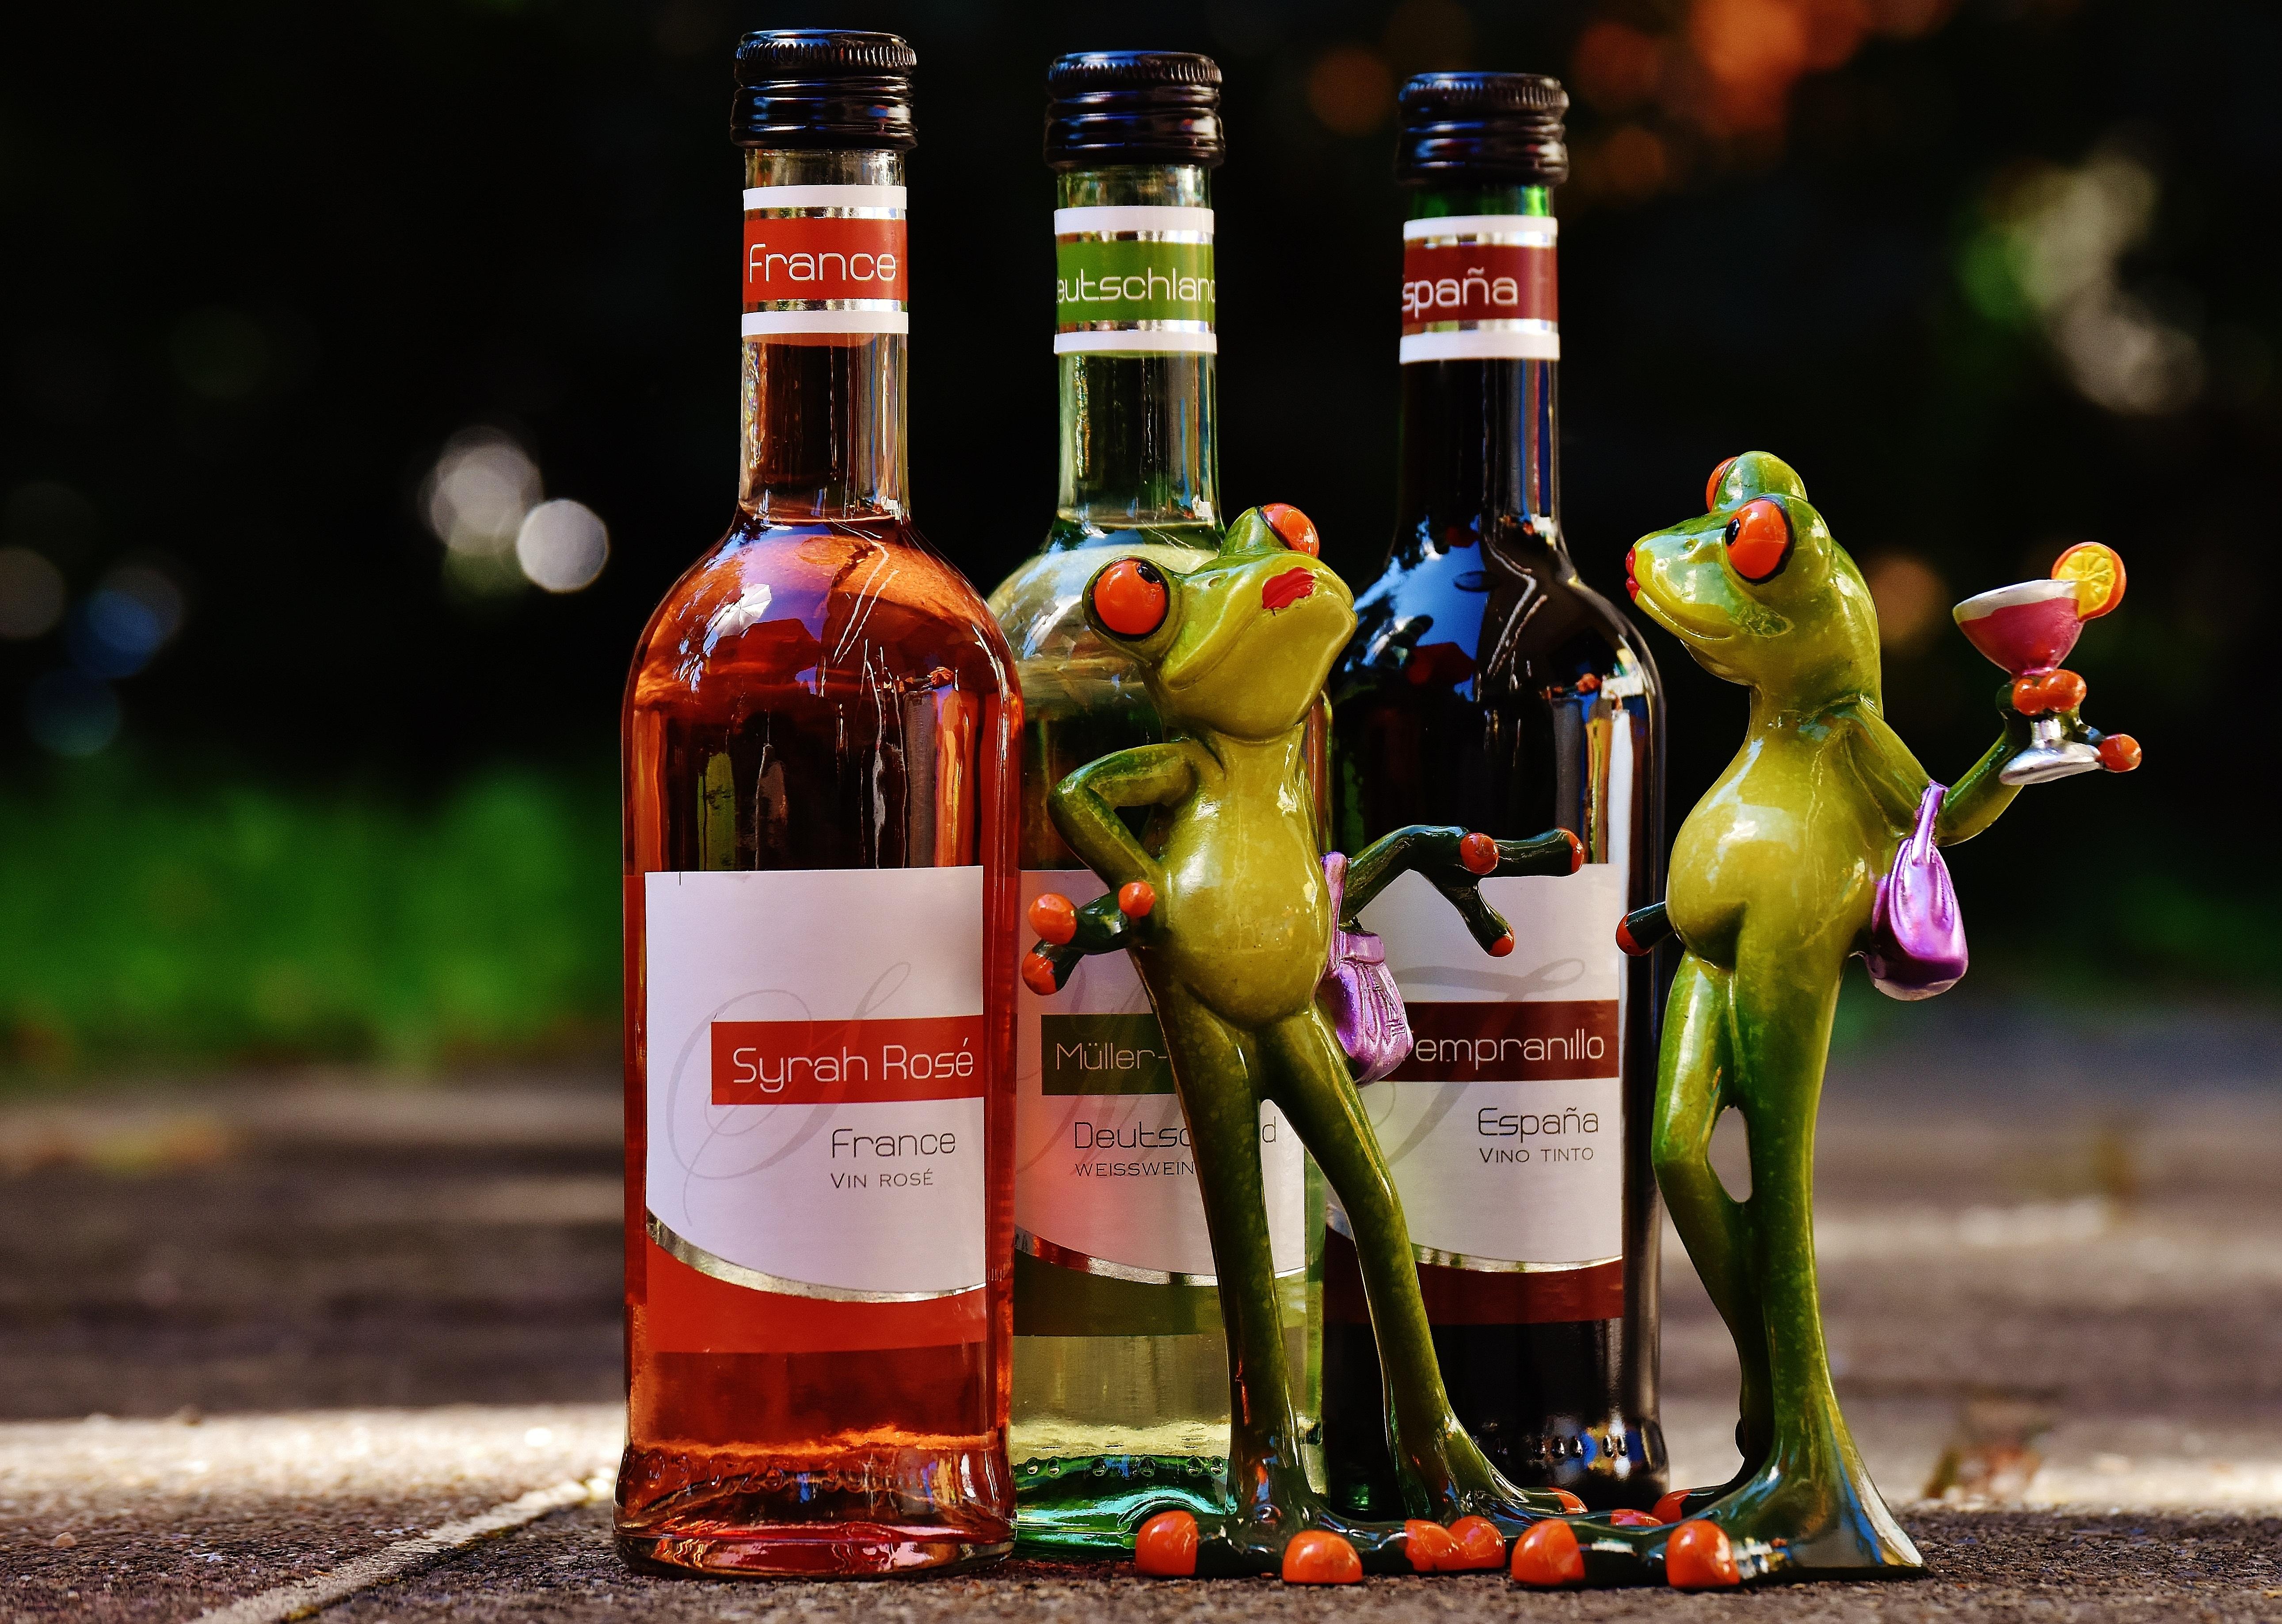 86 Gambar Anggur Merah Lucu Kekinian